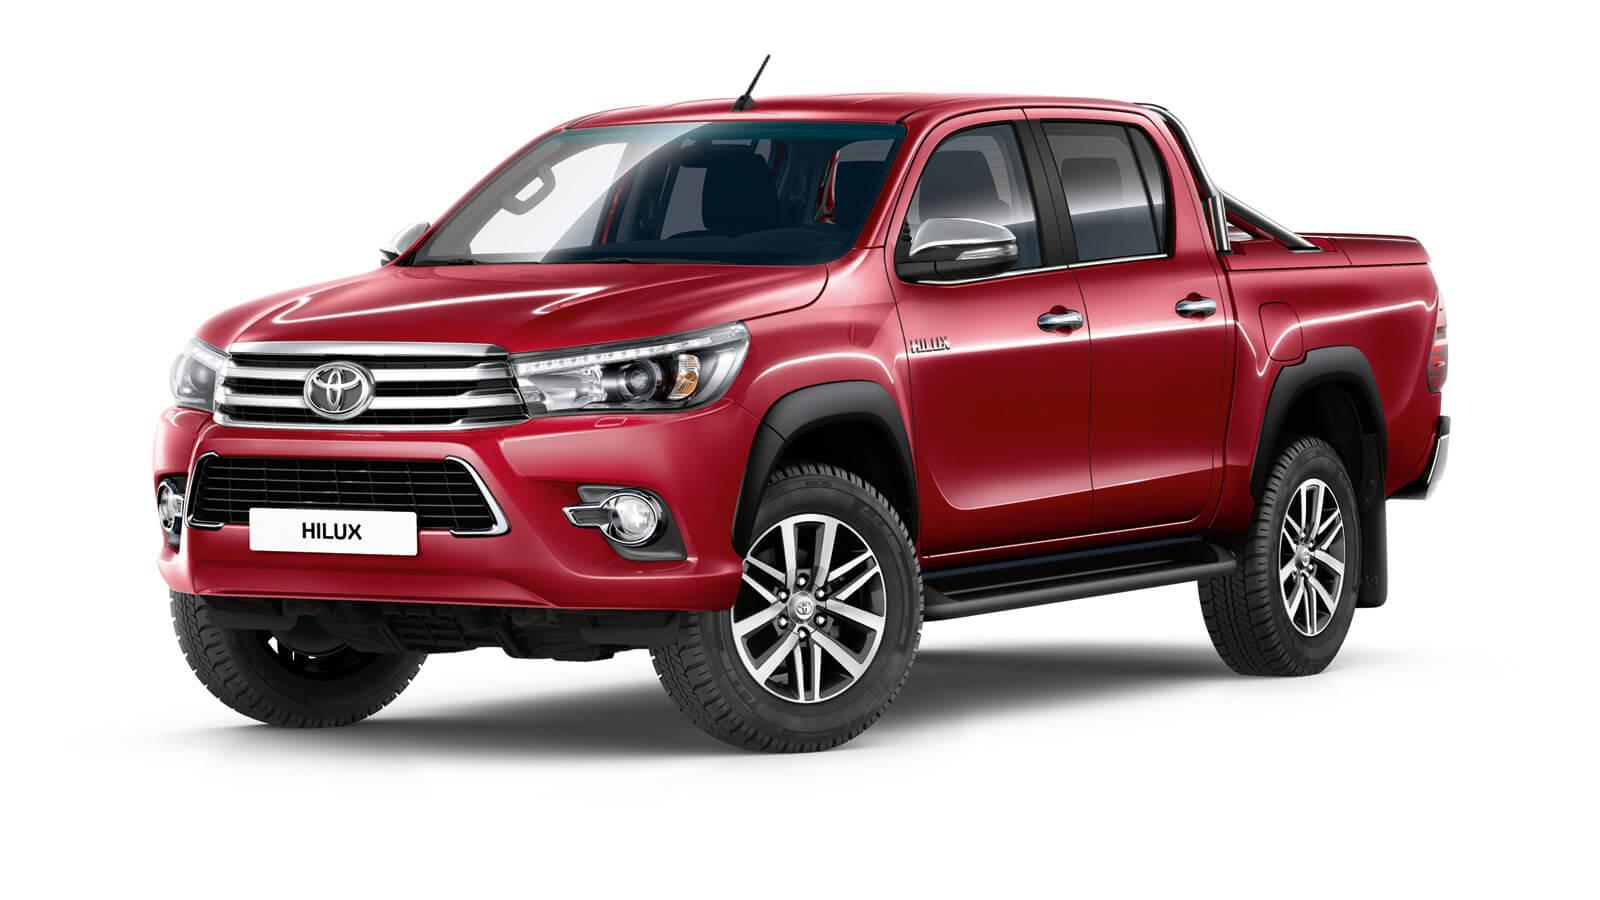 Tundra Toyota - yükseklikte tasarım özellikleri